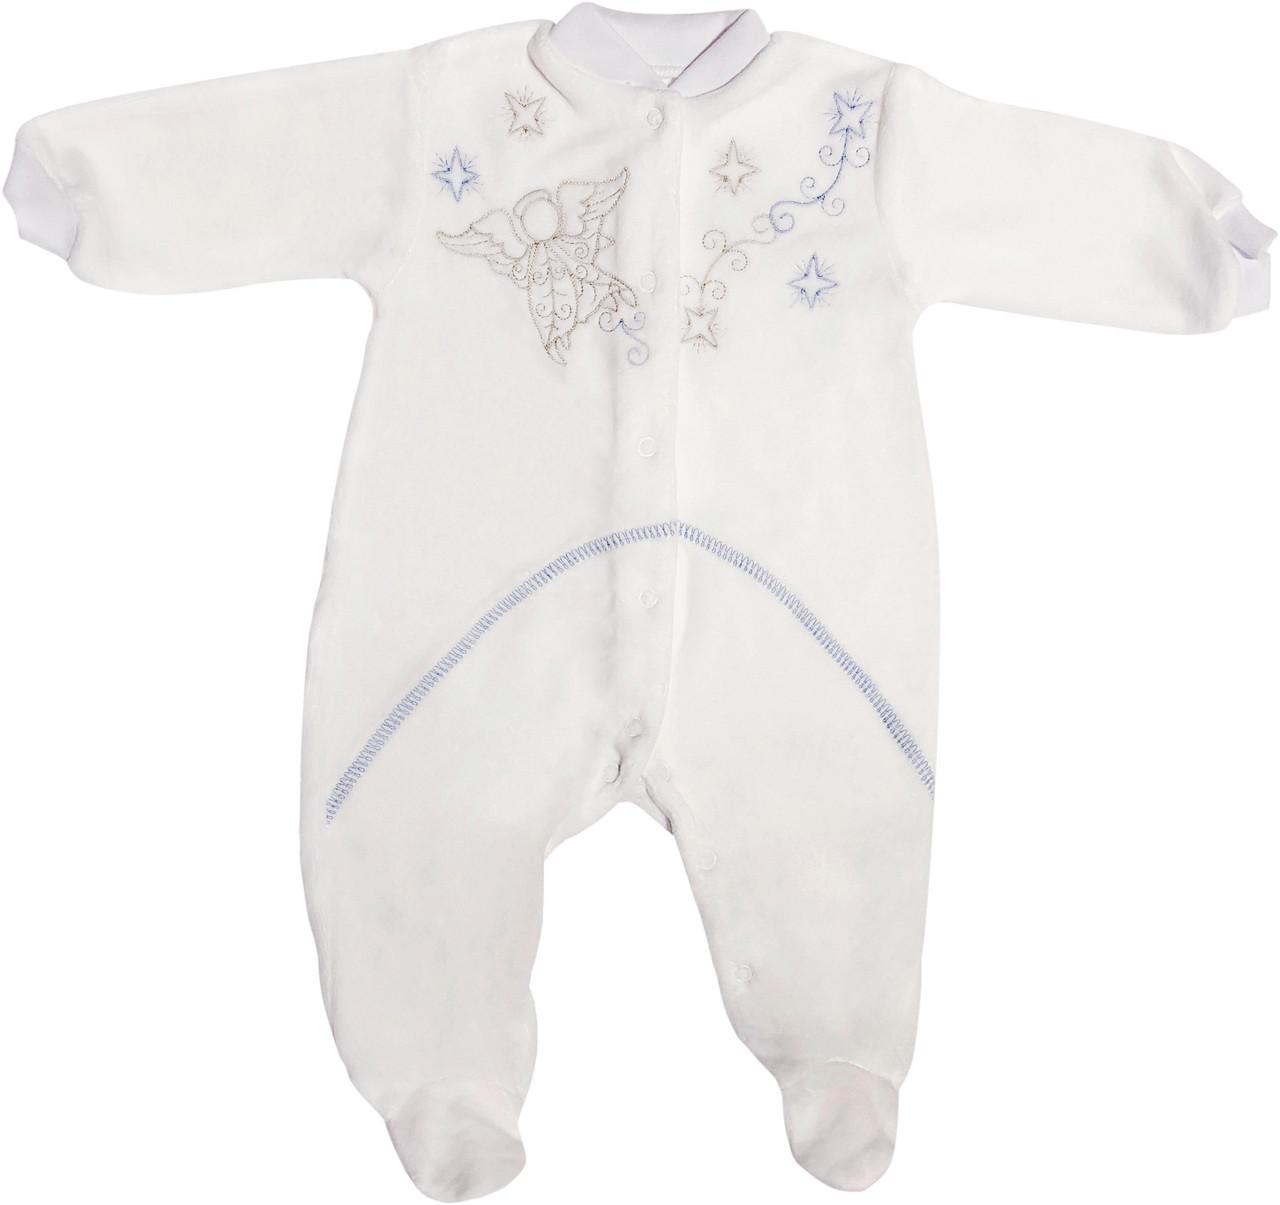 Хрестильний ошатний чоловічок зростання 62 2-3 міс велюровий білий на хлопчика одяг для хрещення хрестин